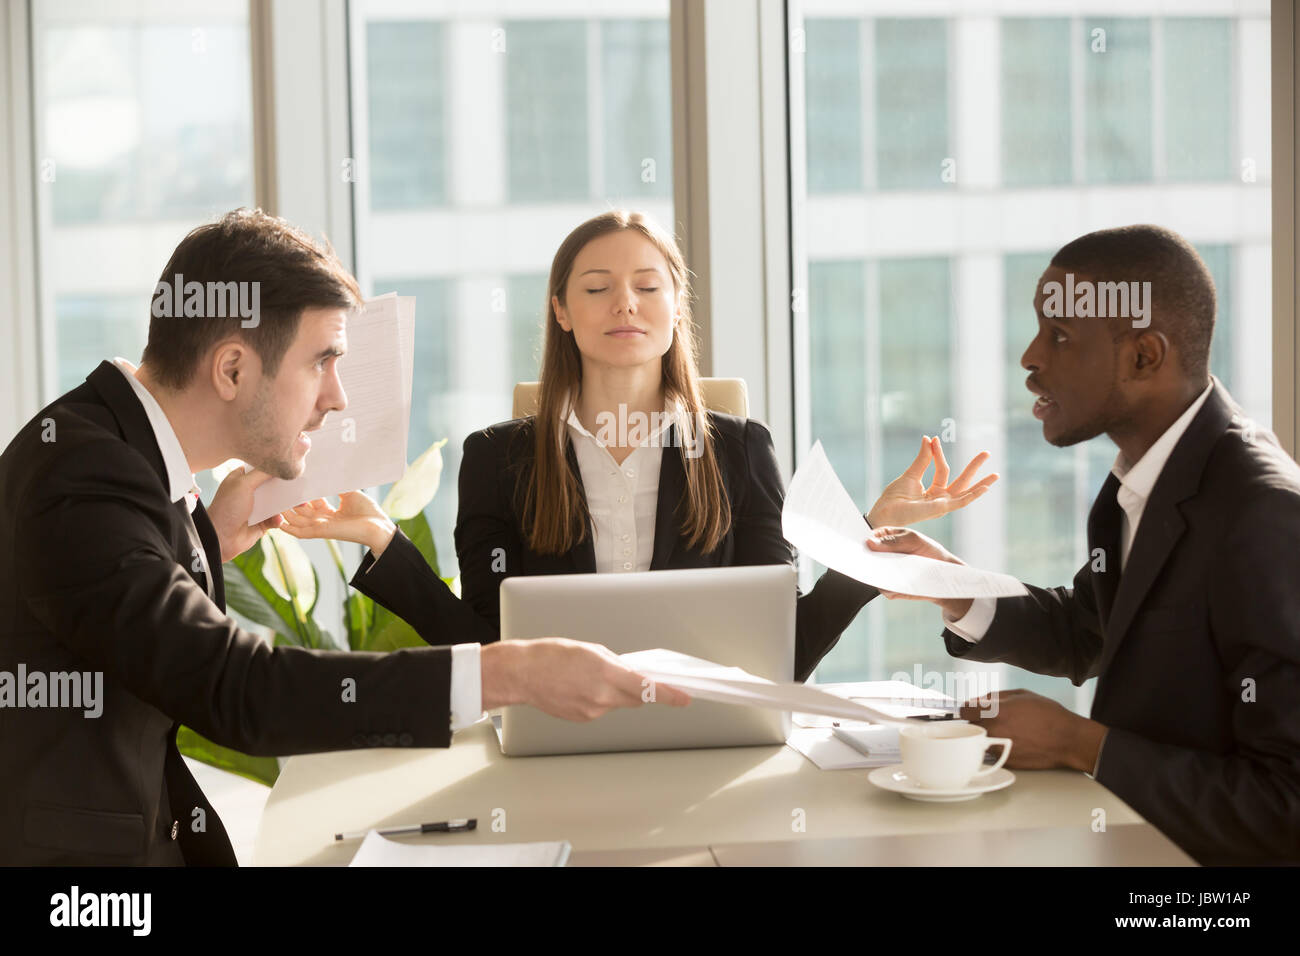 Attraktive Geschäftsfrau genießt während der Sitzung zu meditieren, sitzen am Schreibtisch mit Augen Stockbild